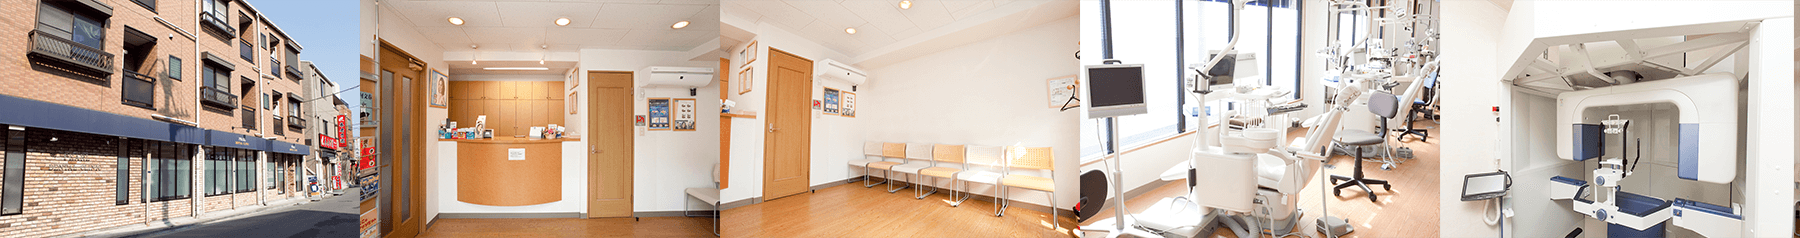 川崎のパール歯科院外観